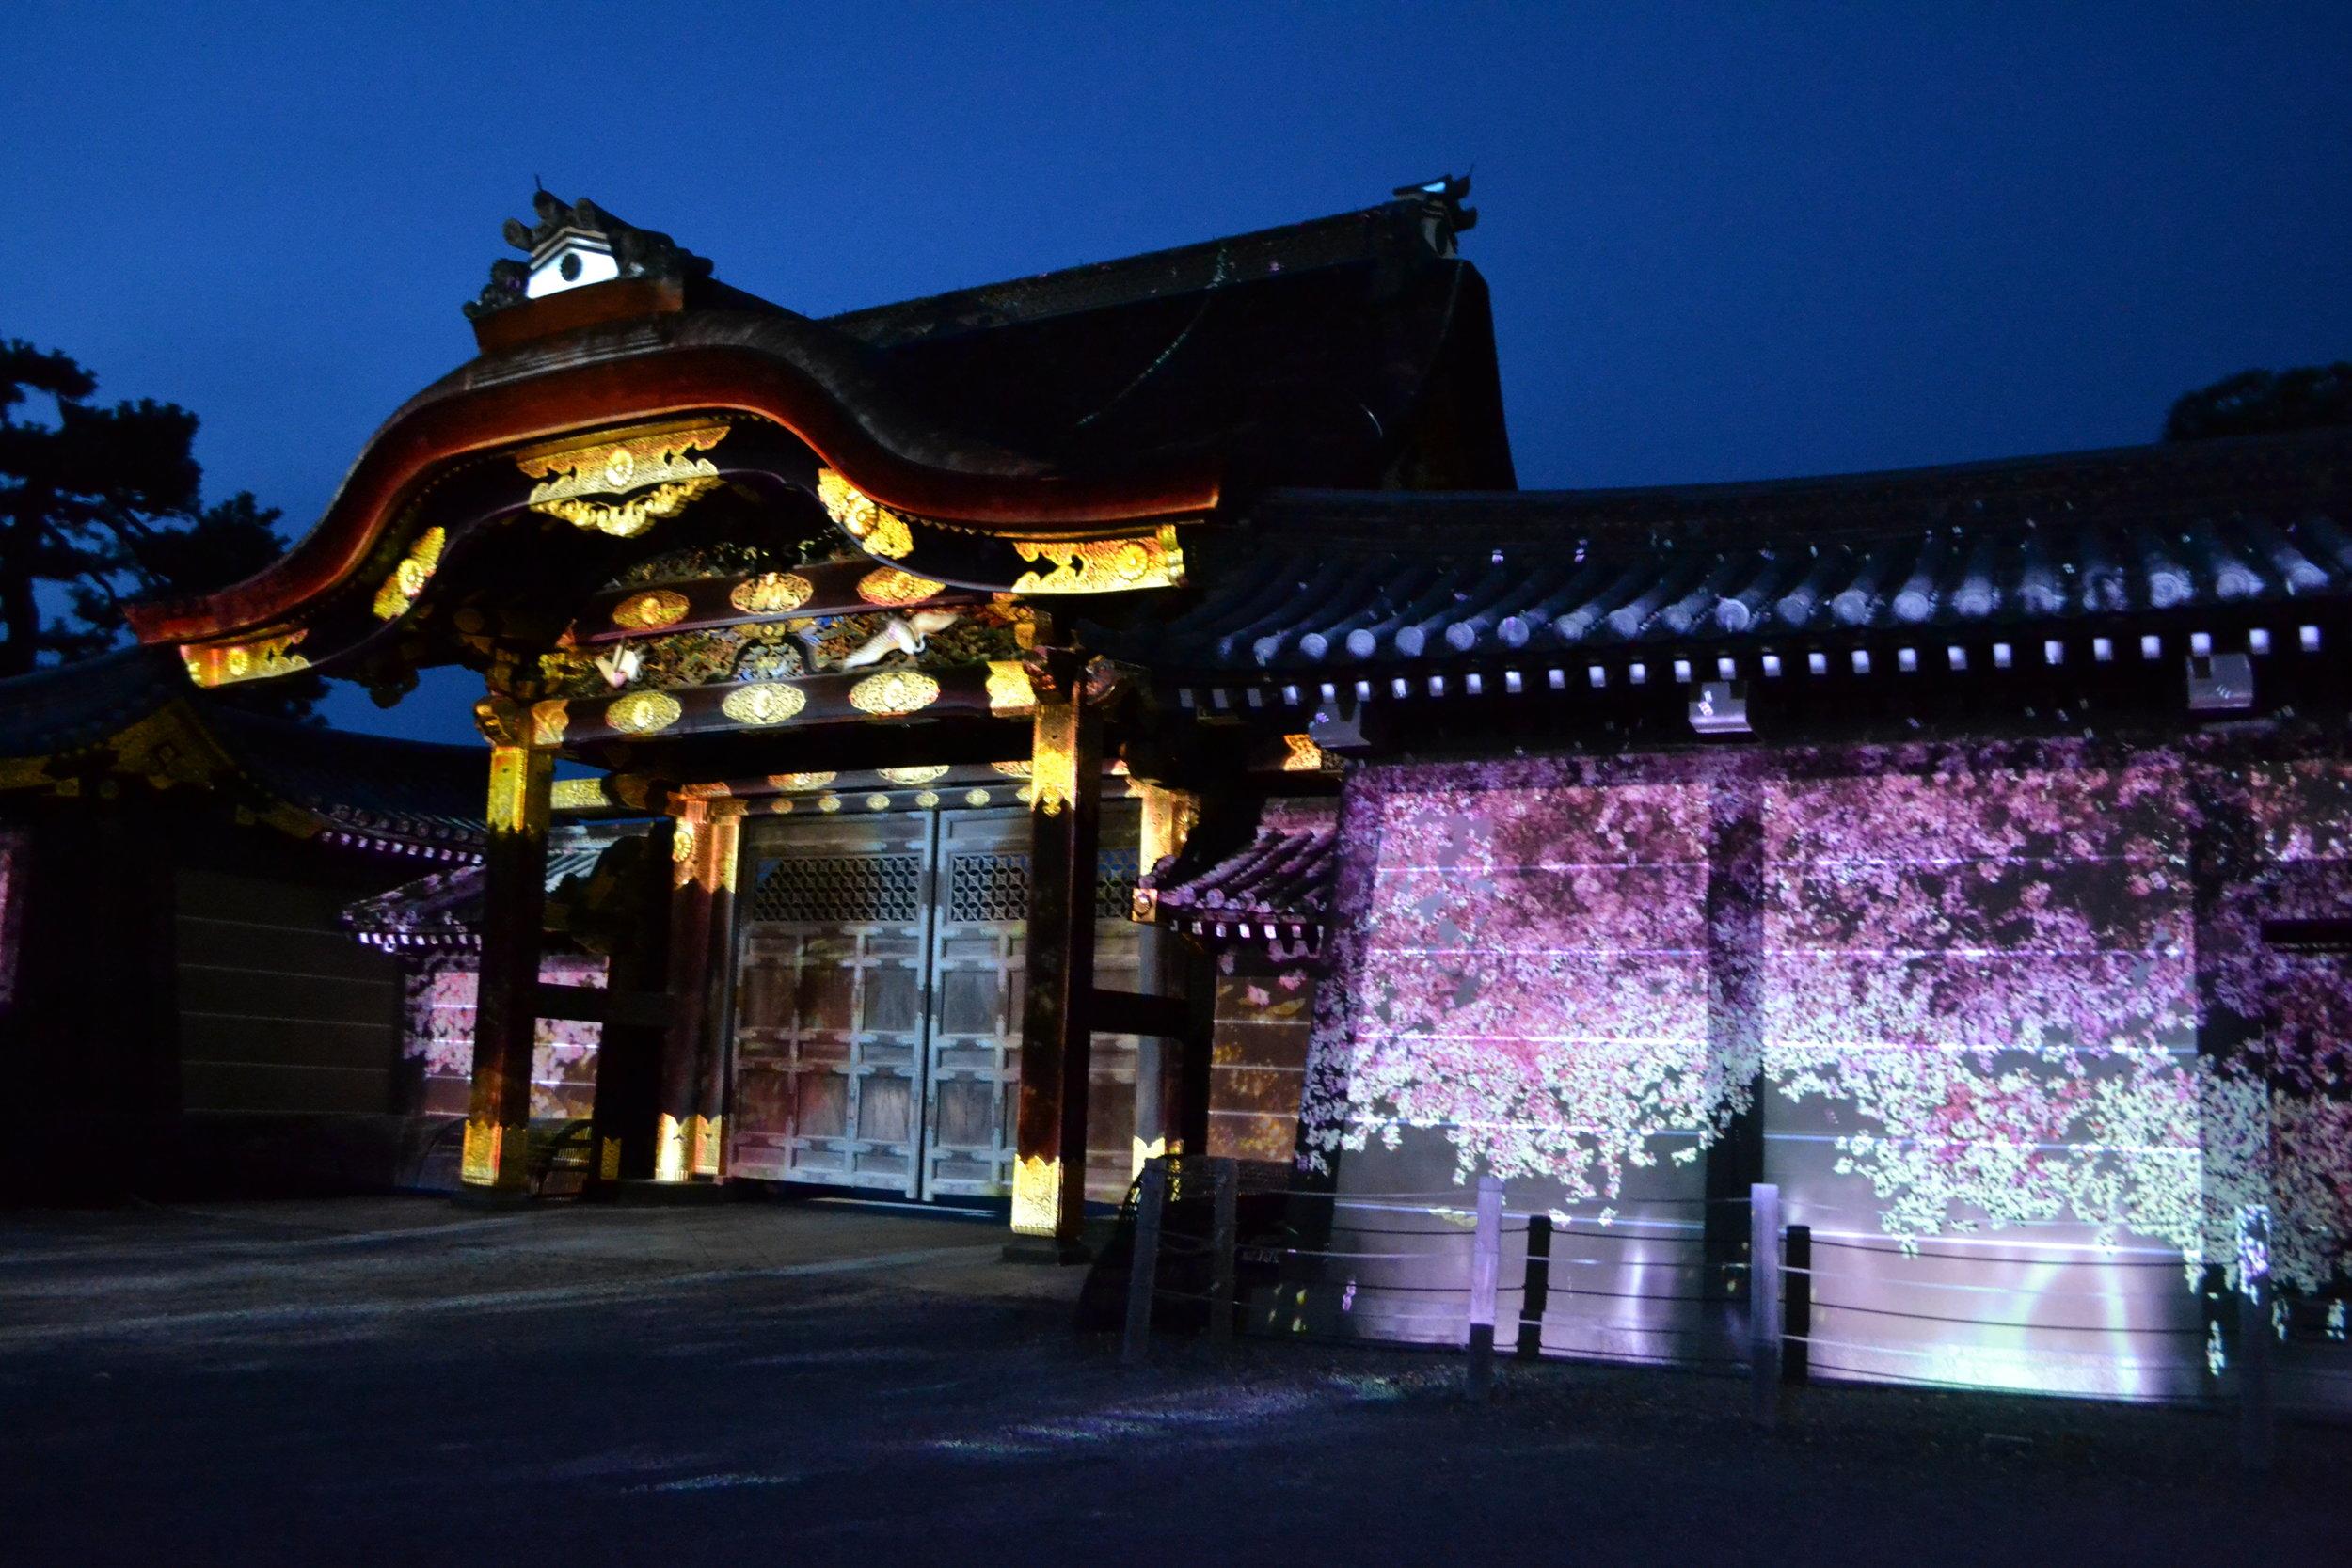 El show de luces termina con unos imagenes lindas de las  sakuras .